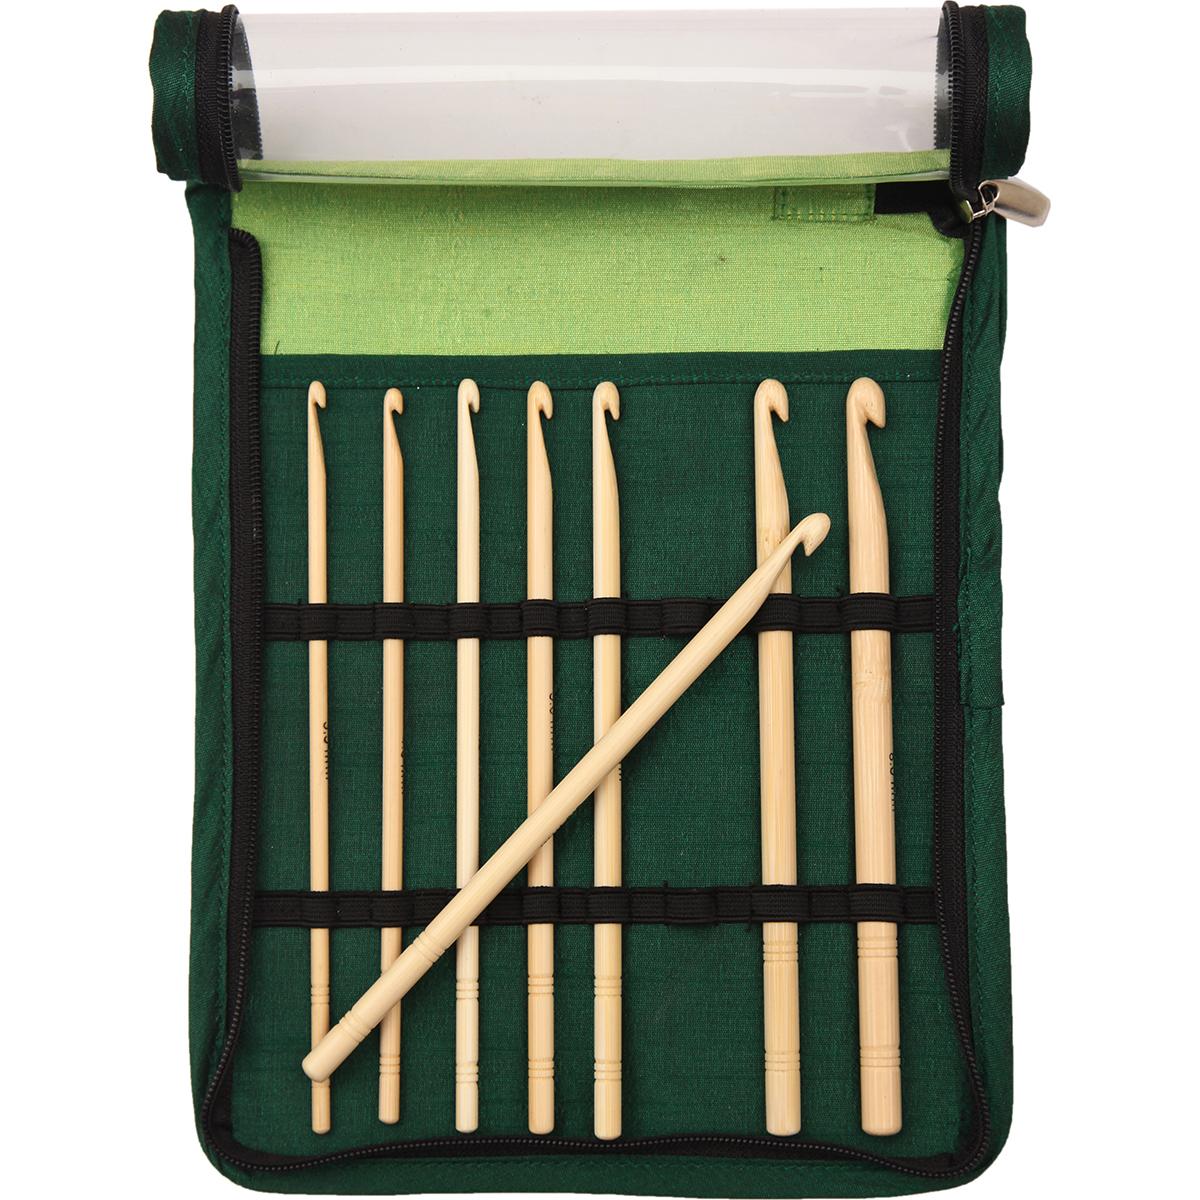 Knitter's Pride Bamboo Crochet Hook Set